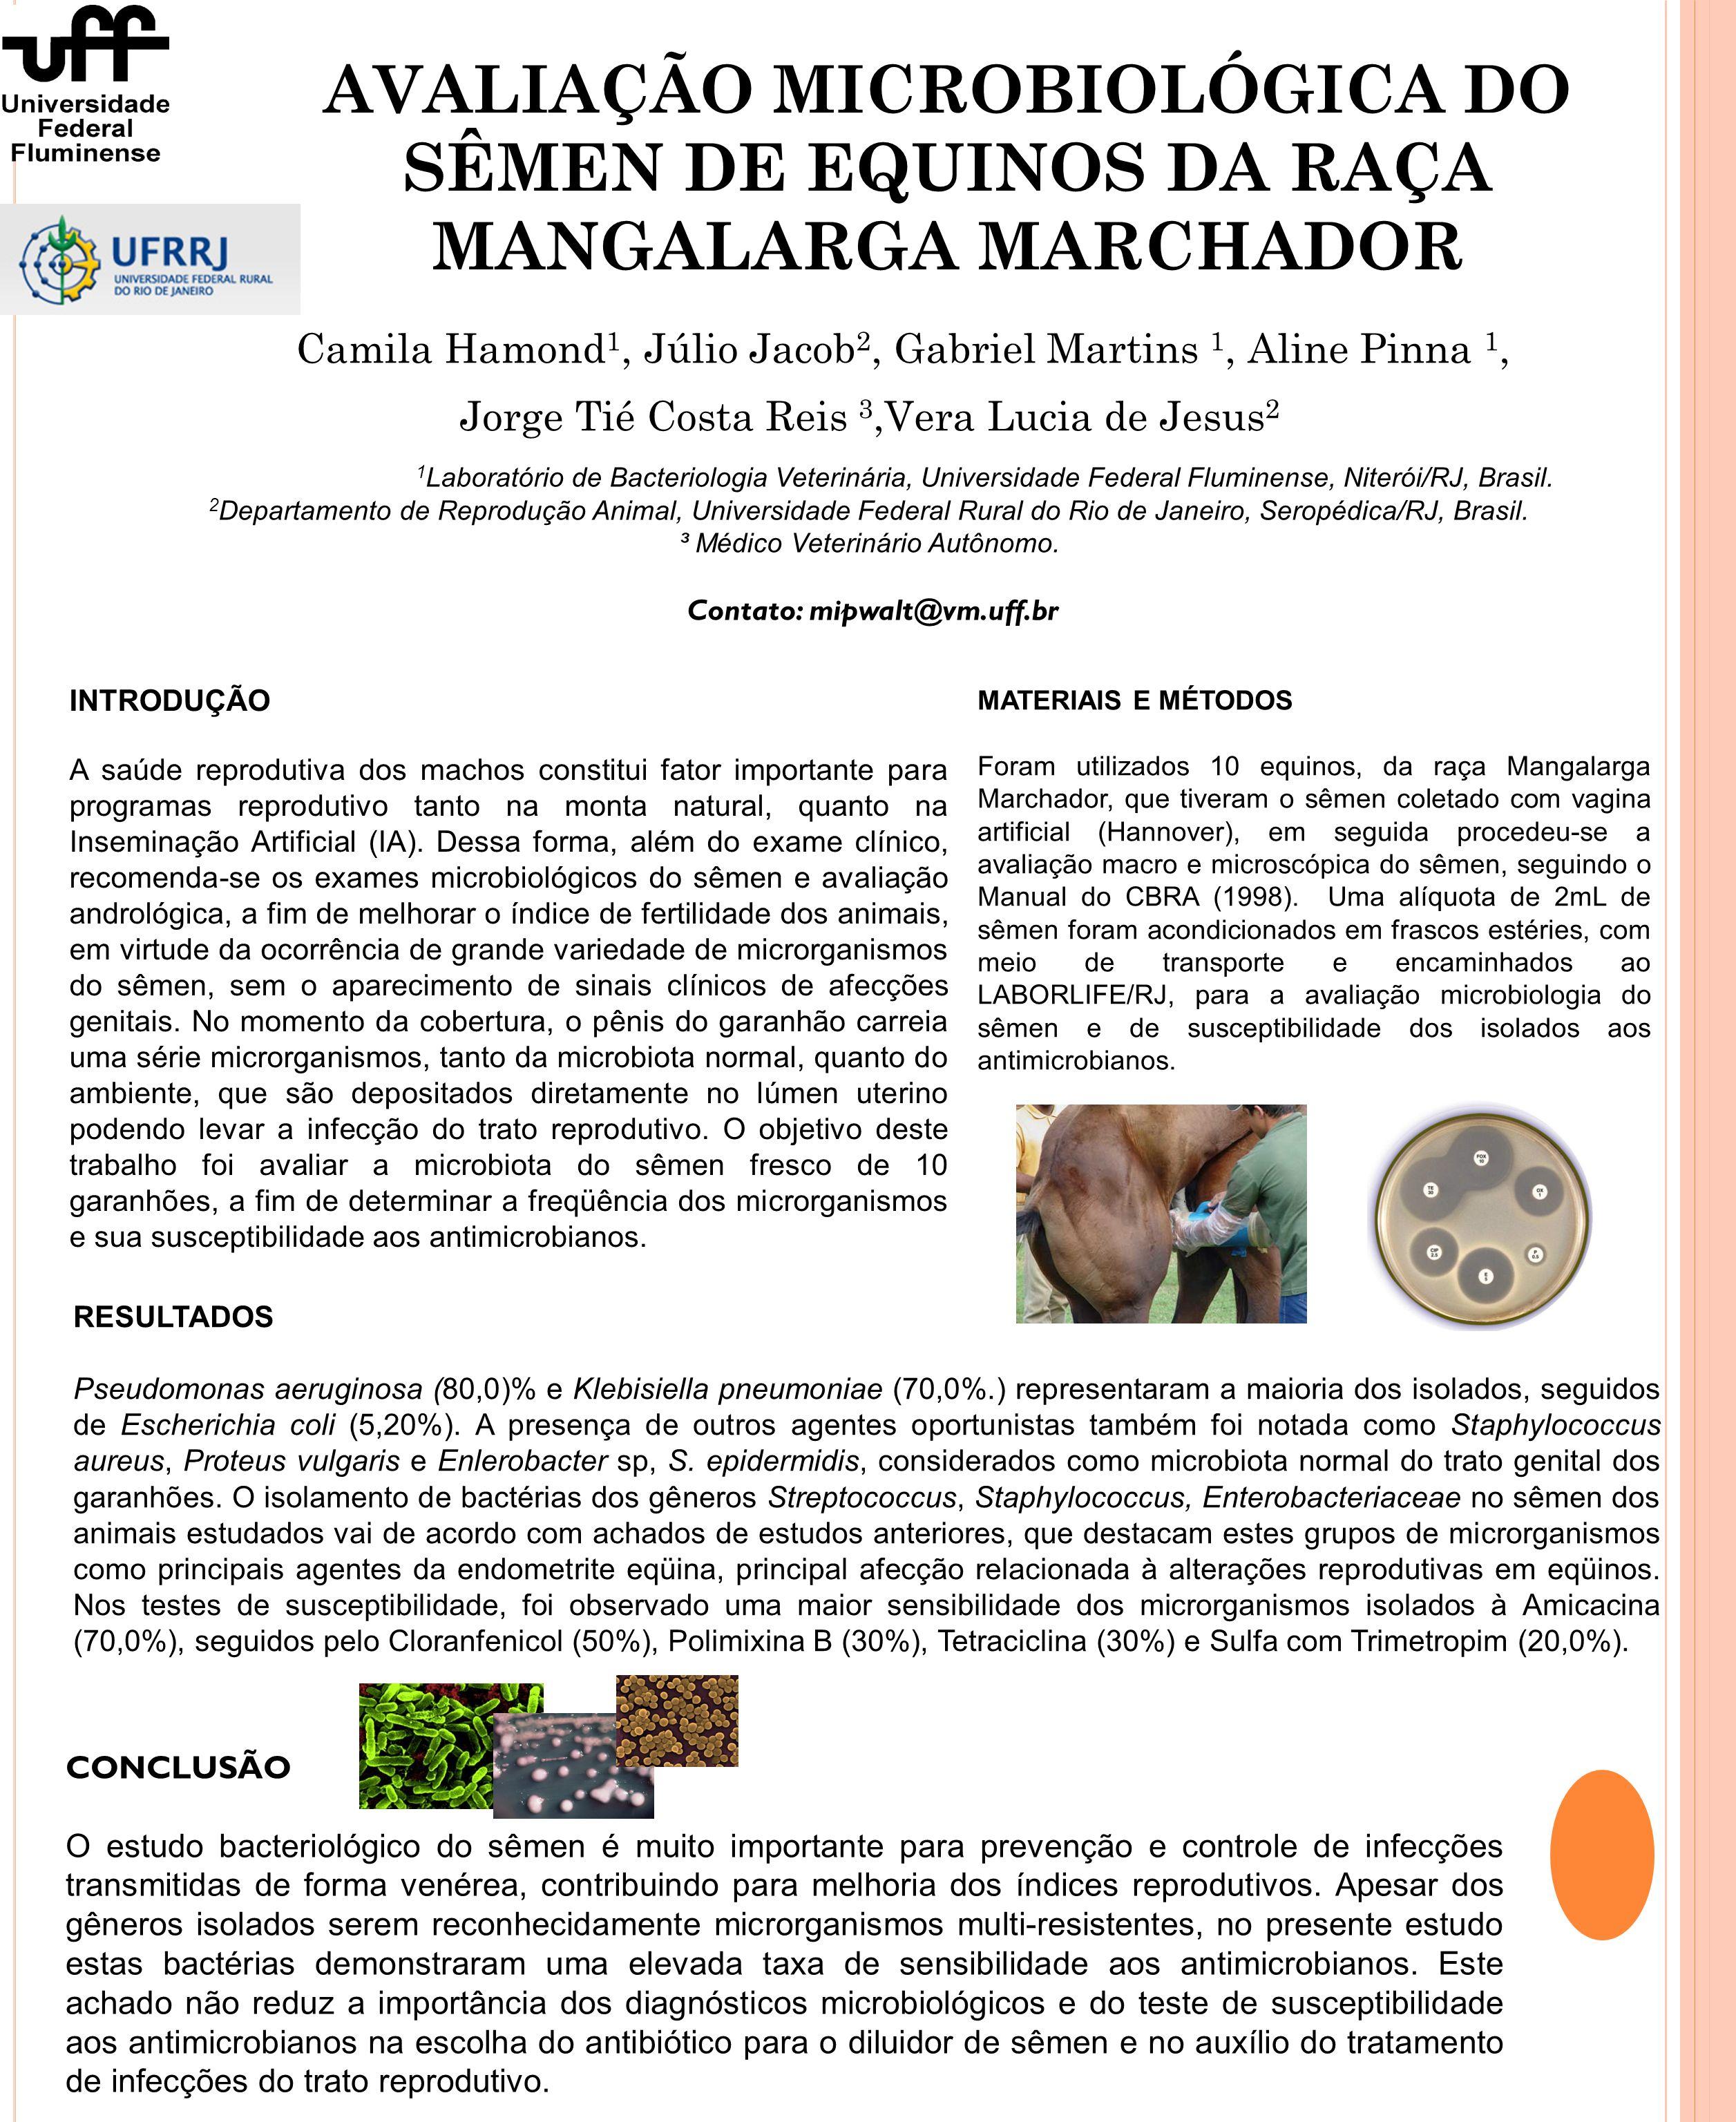 AVALIAÇÃO MICROBIOLÓGICA DO SÊMEN DE EQUINOS DA RAÇA MANGALARGA MARCHADOR Camila Hamond 1, Júlio Jacob 2, Gabriel Martins 1, Aline Pinna 1, Jorge Tié